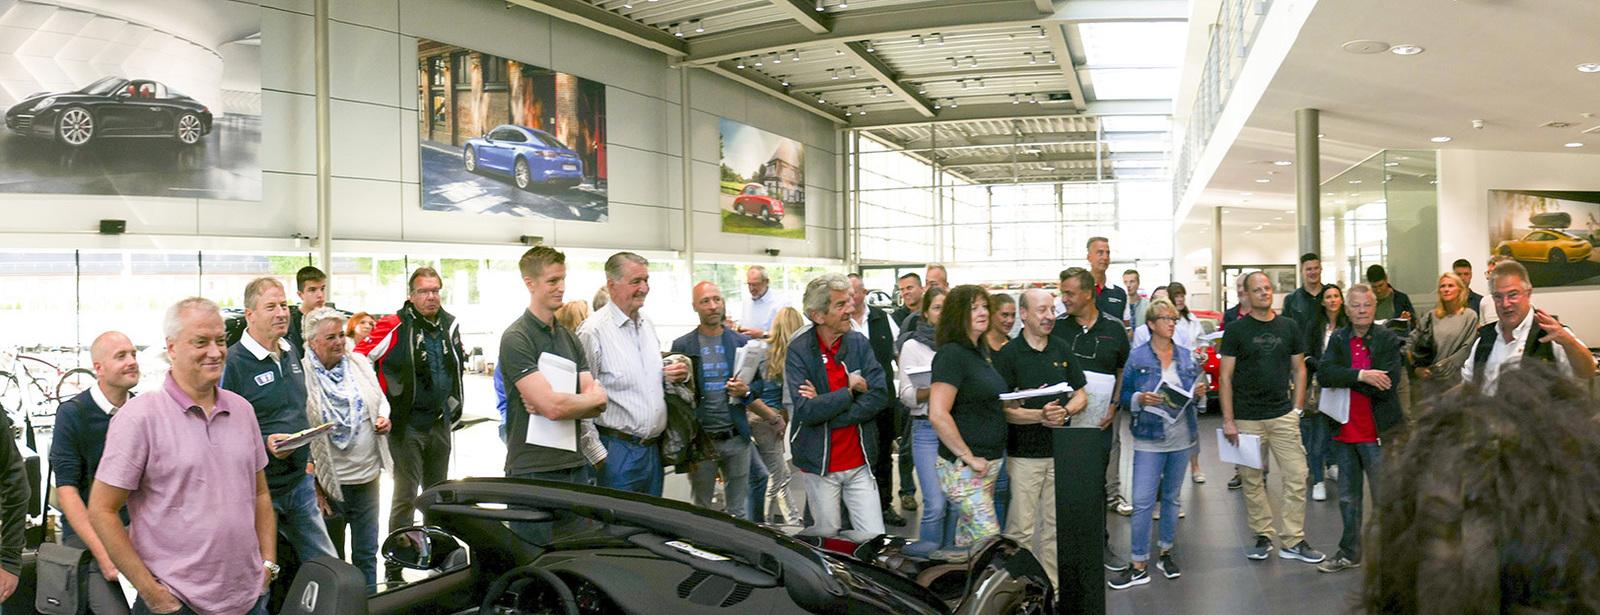 Sportliche ausfahrt wps pcs teil 1 im porsche for Porsche zentrum boblingen